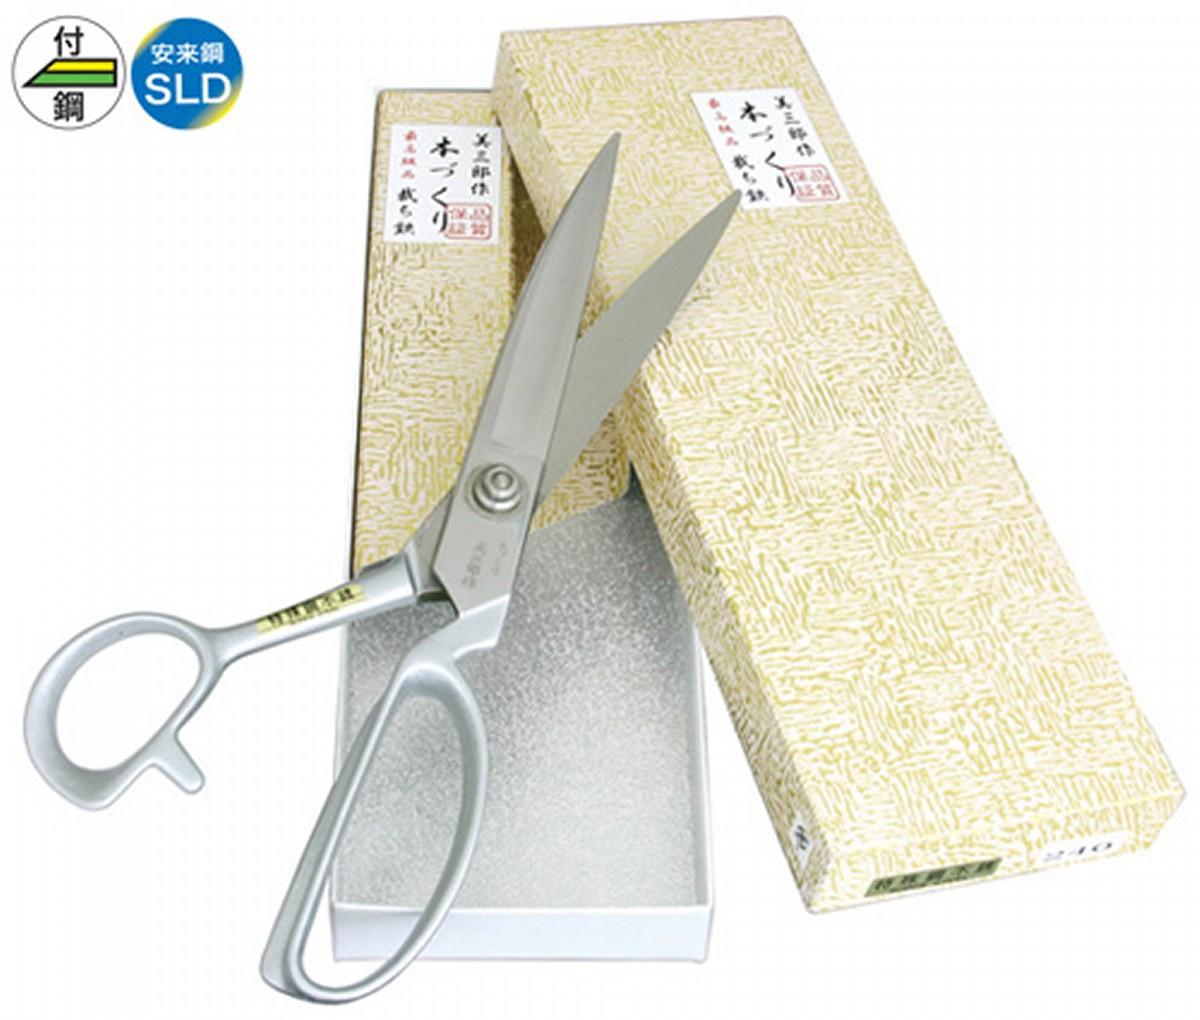 美鈴 美三郎 本づくり(SLD) 280mm No.802-28 鋏研ぎ OK!scissors 受注品ですのでご注文いただきお届けまで約2ヶ月かかります [送料無料] 日本製 手芸 手作り 洋裁